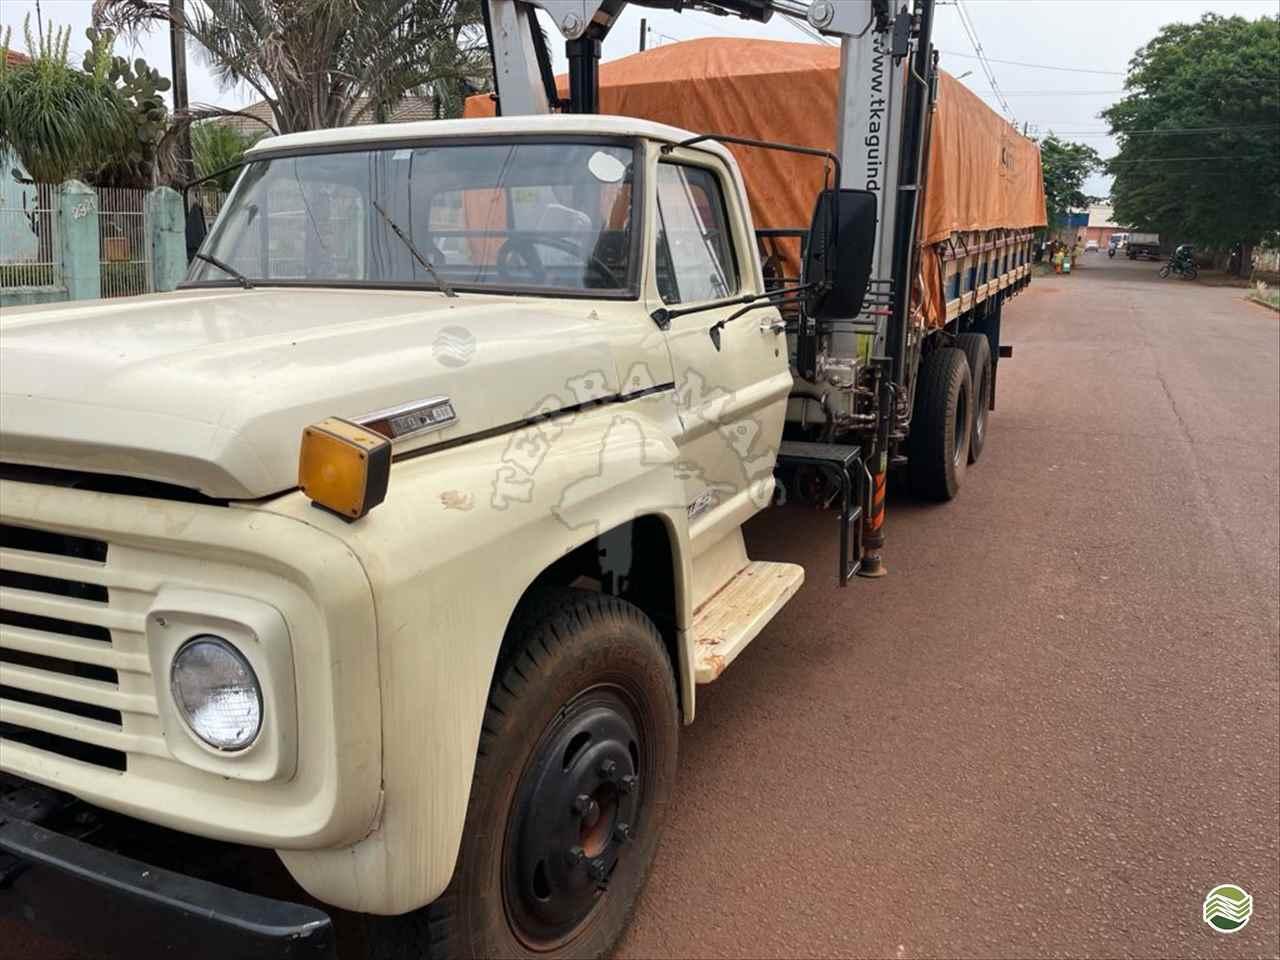 CAMINHAO FORD F700 Graneleiro Truck 6x2 Terra Mais Implementos Agrícolas TOLEDO PARANÁ PR